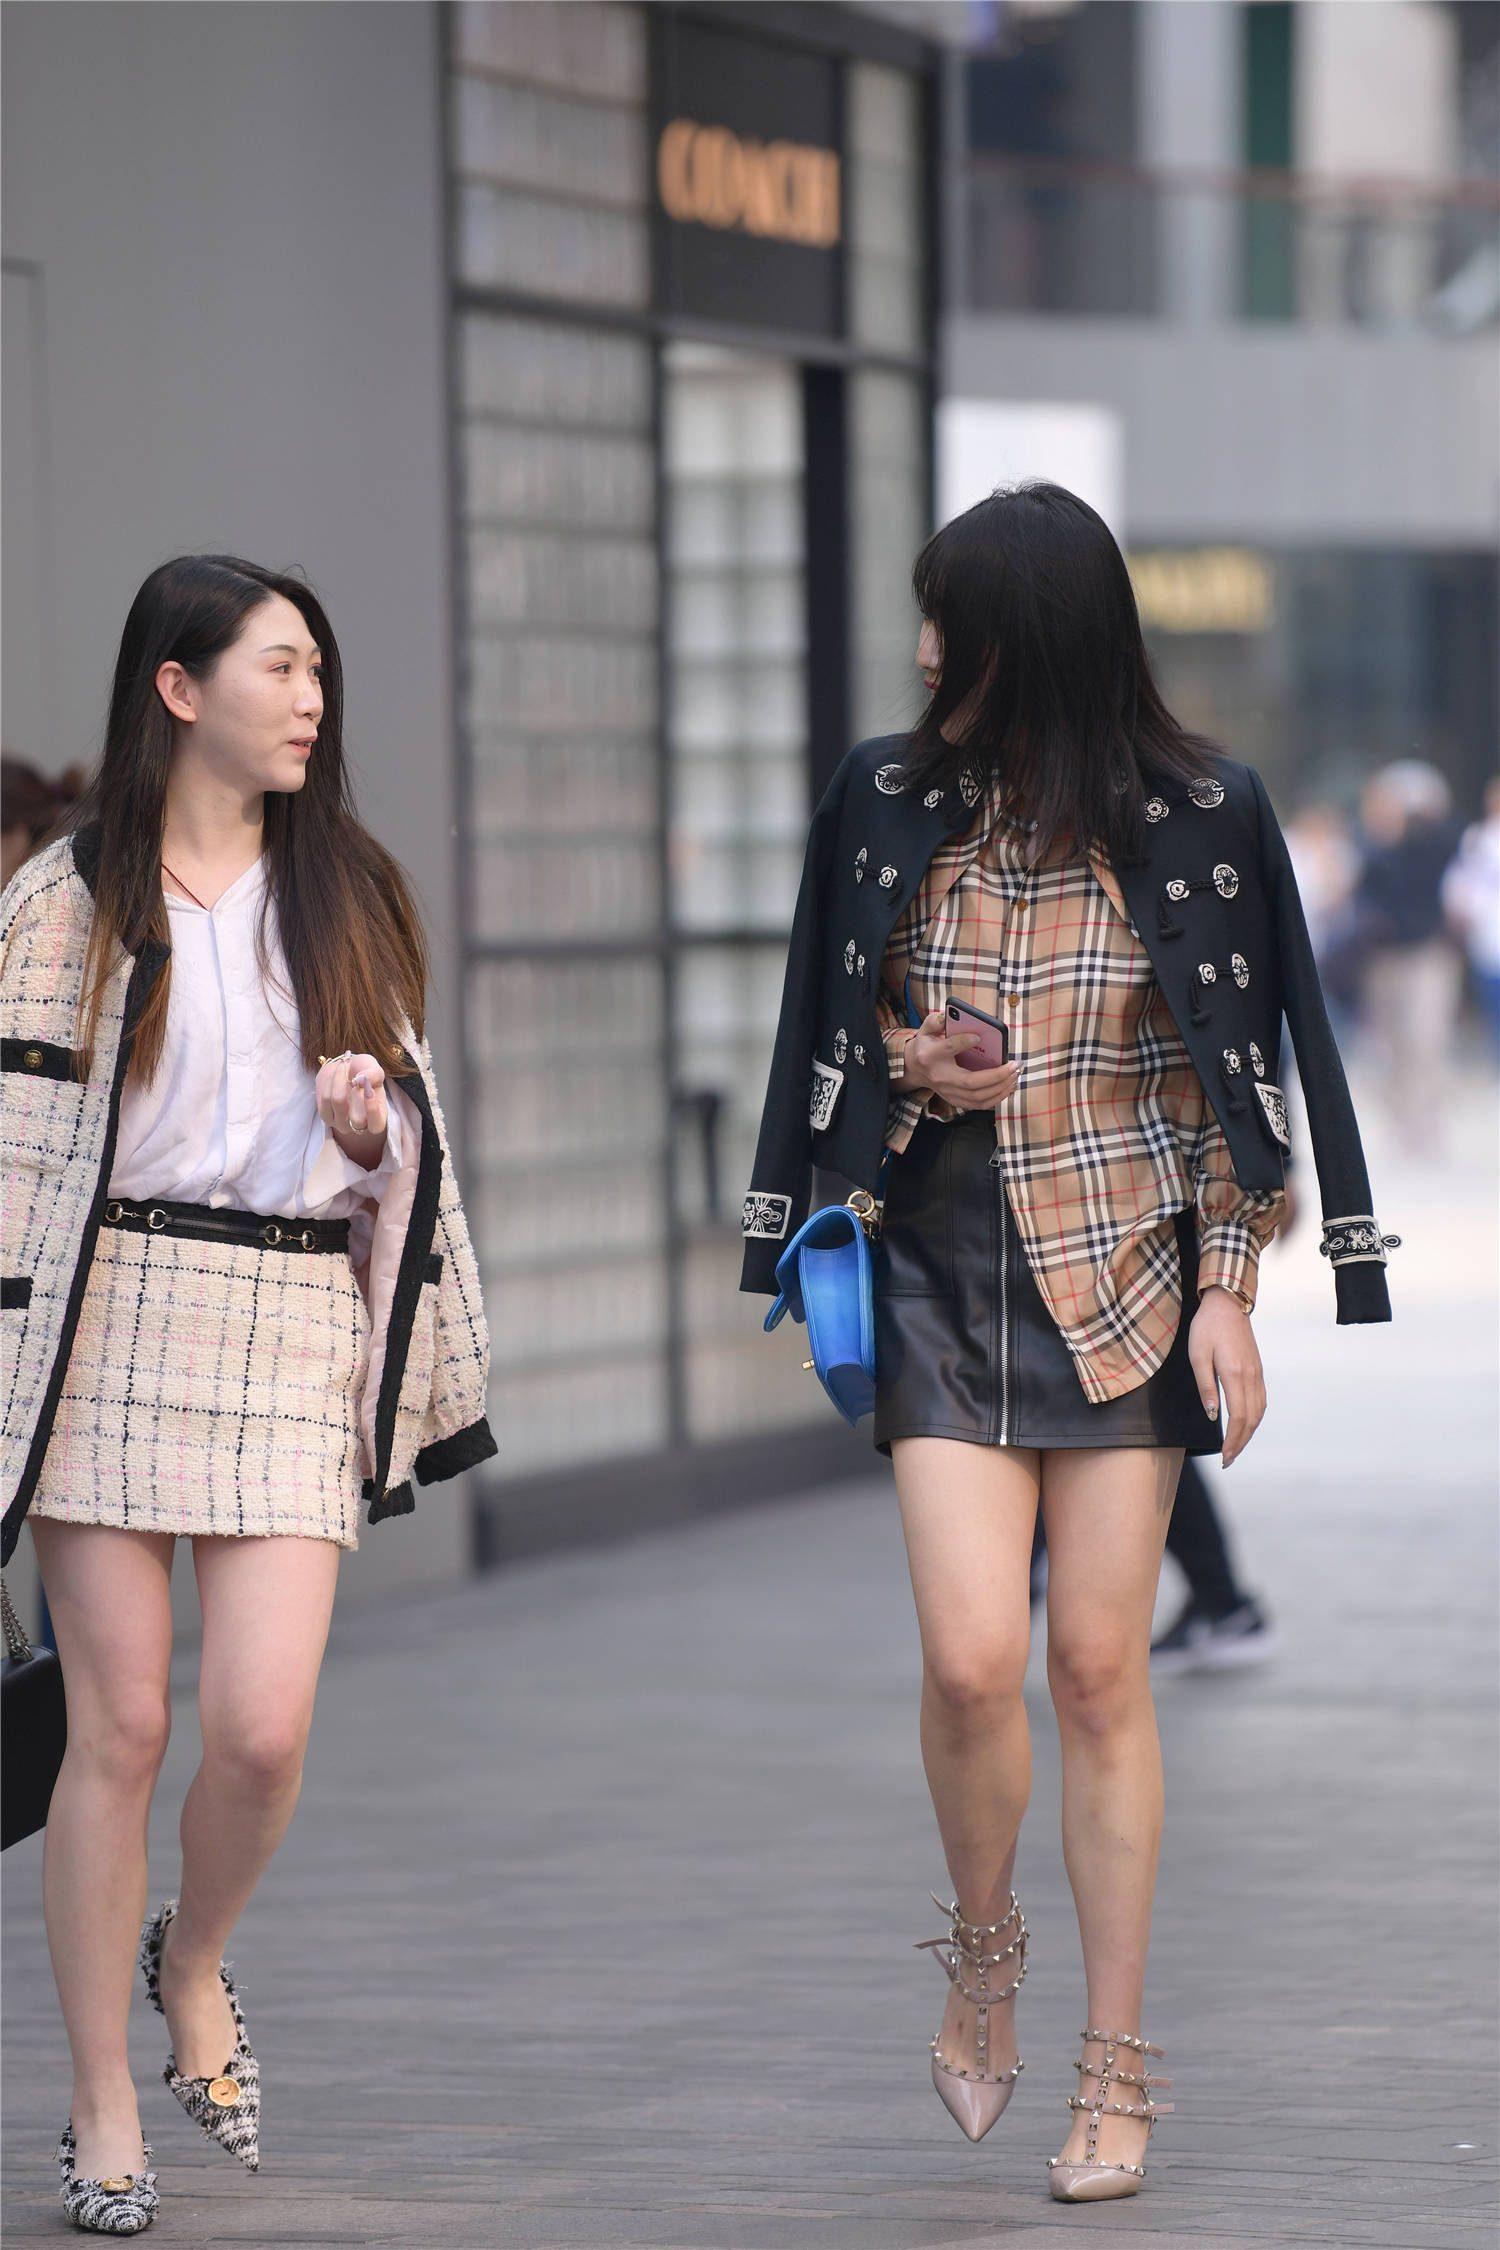 一对不怕冷的姐妹,秋冬时节去逛街,穿着短裙露出长腿